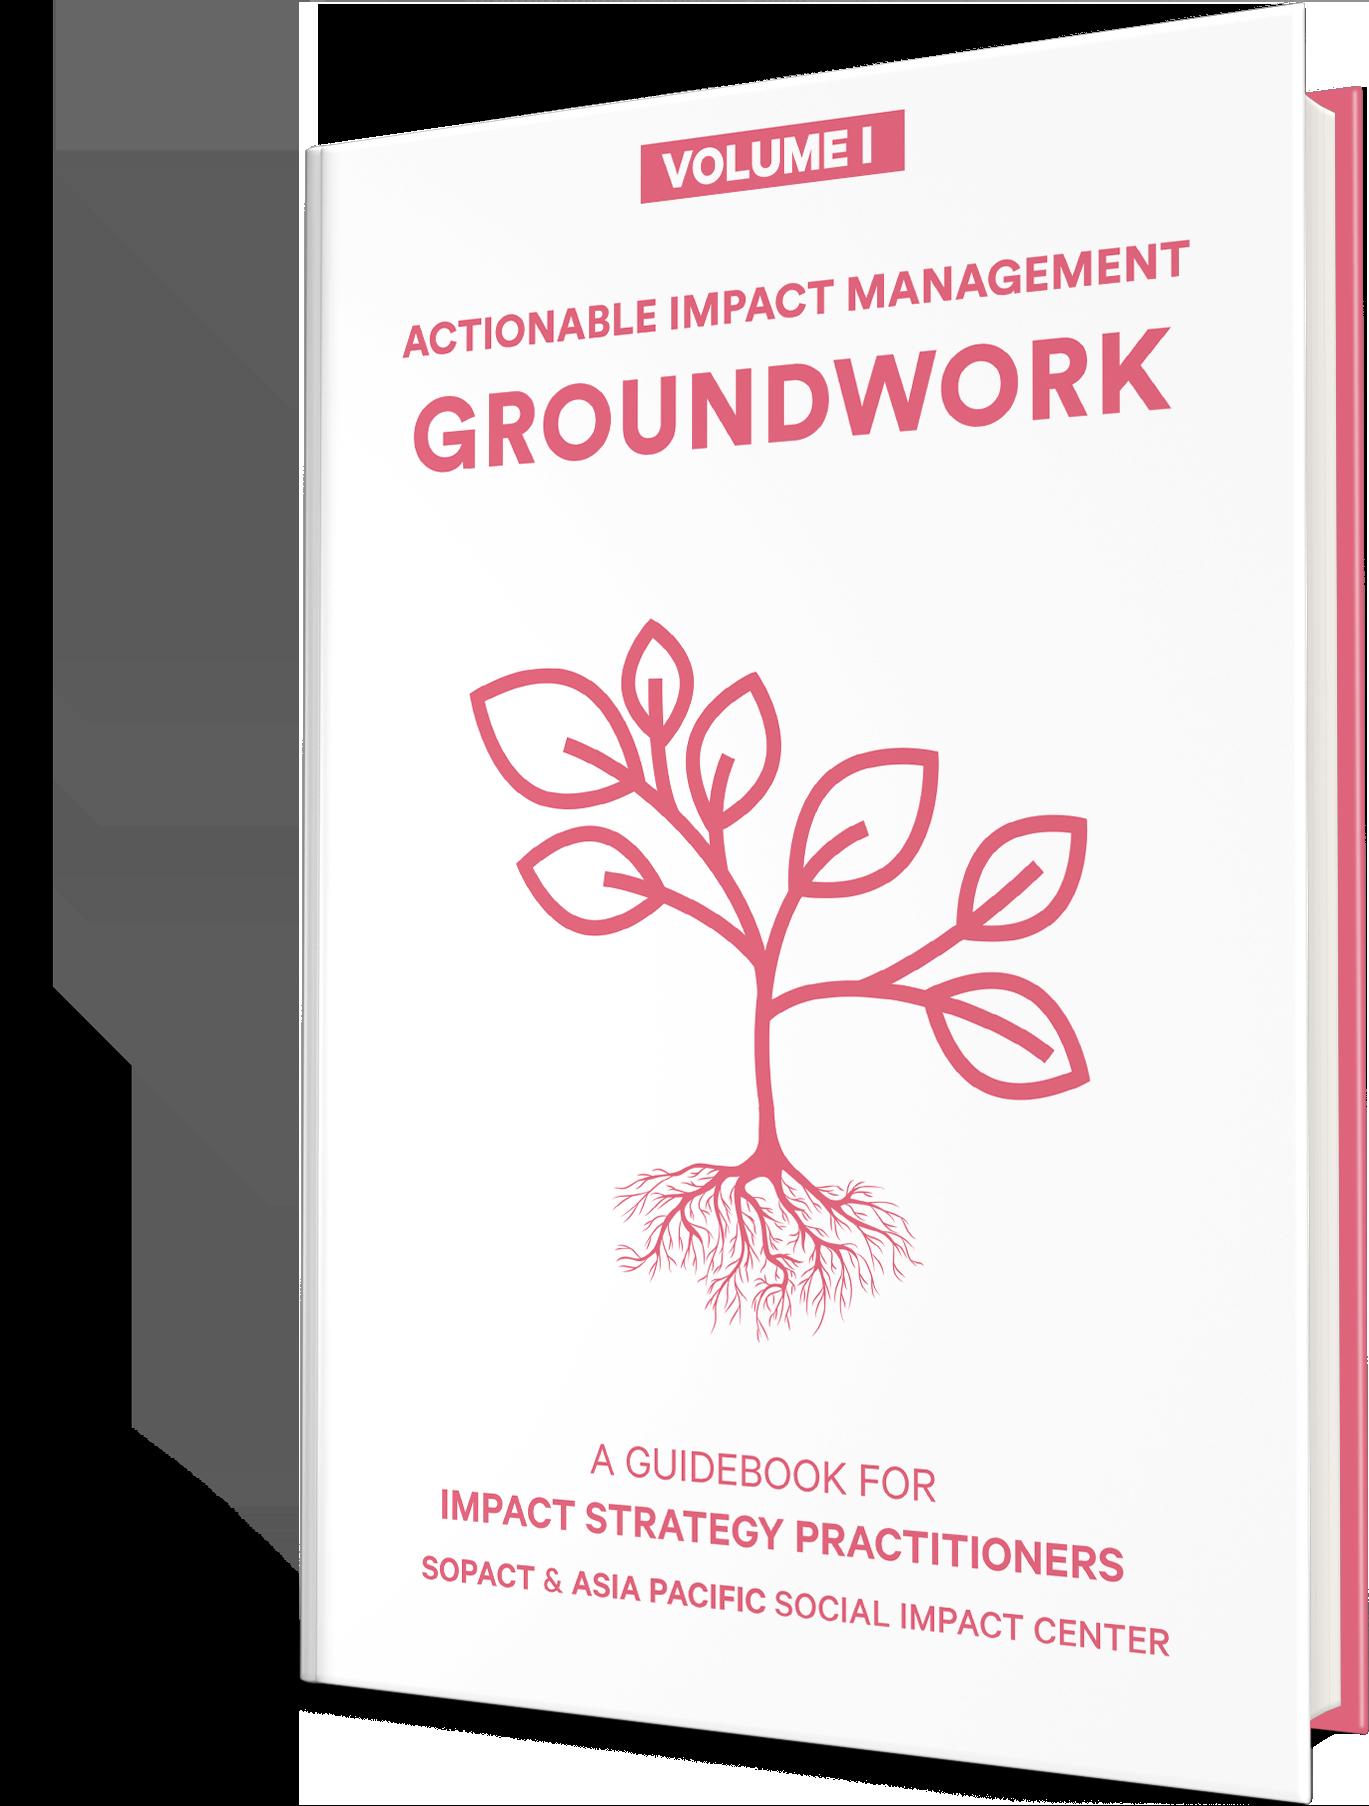 Groundwork_pillar